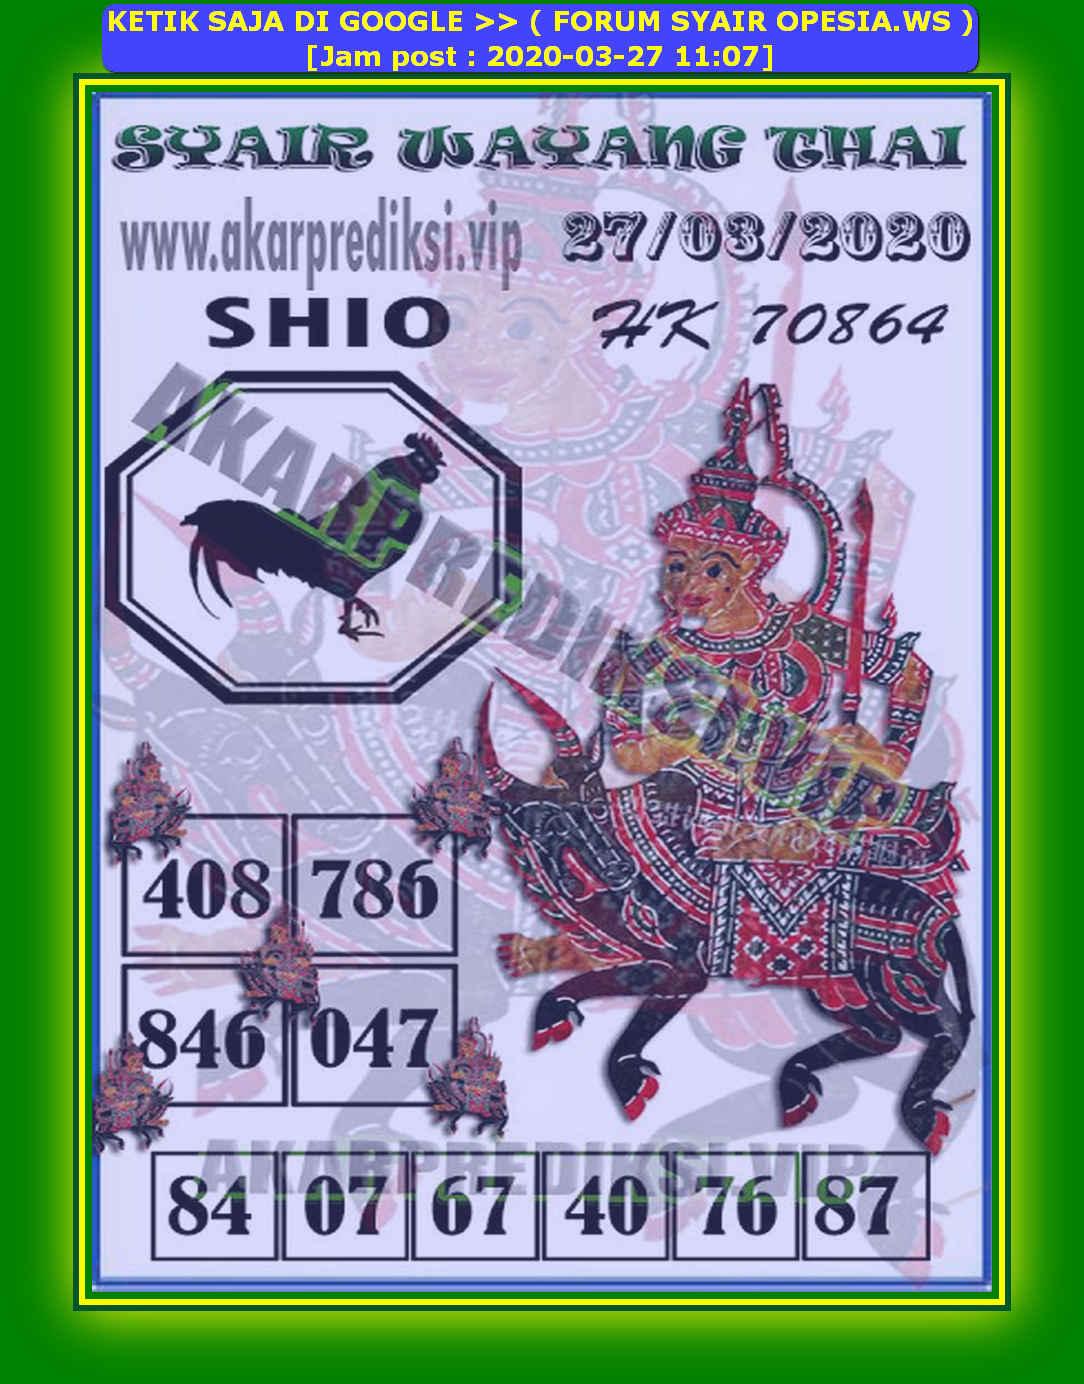 Kode syair Hongkong Jumat 27 Maret 2020 211